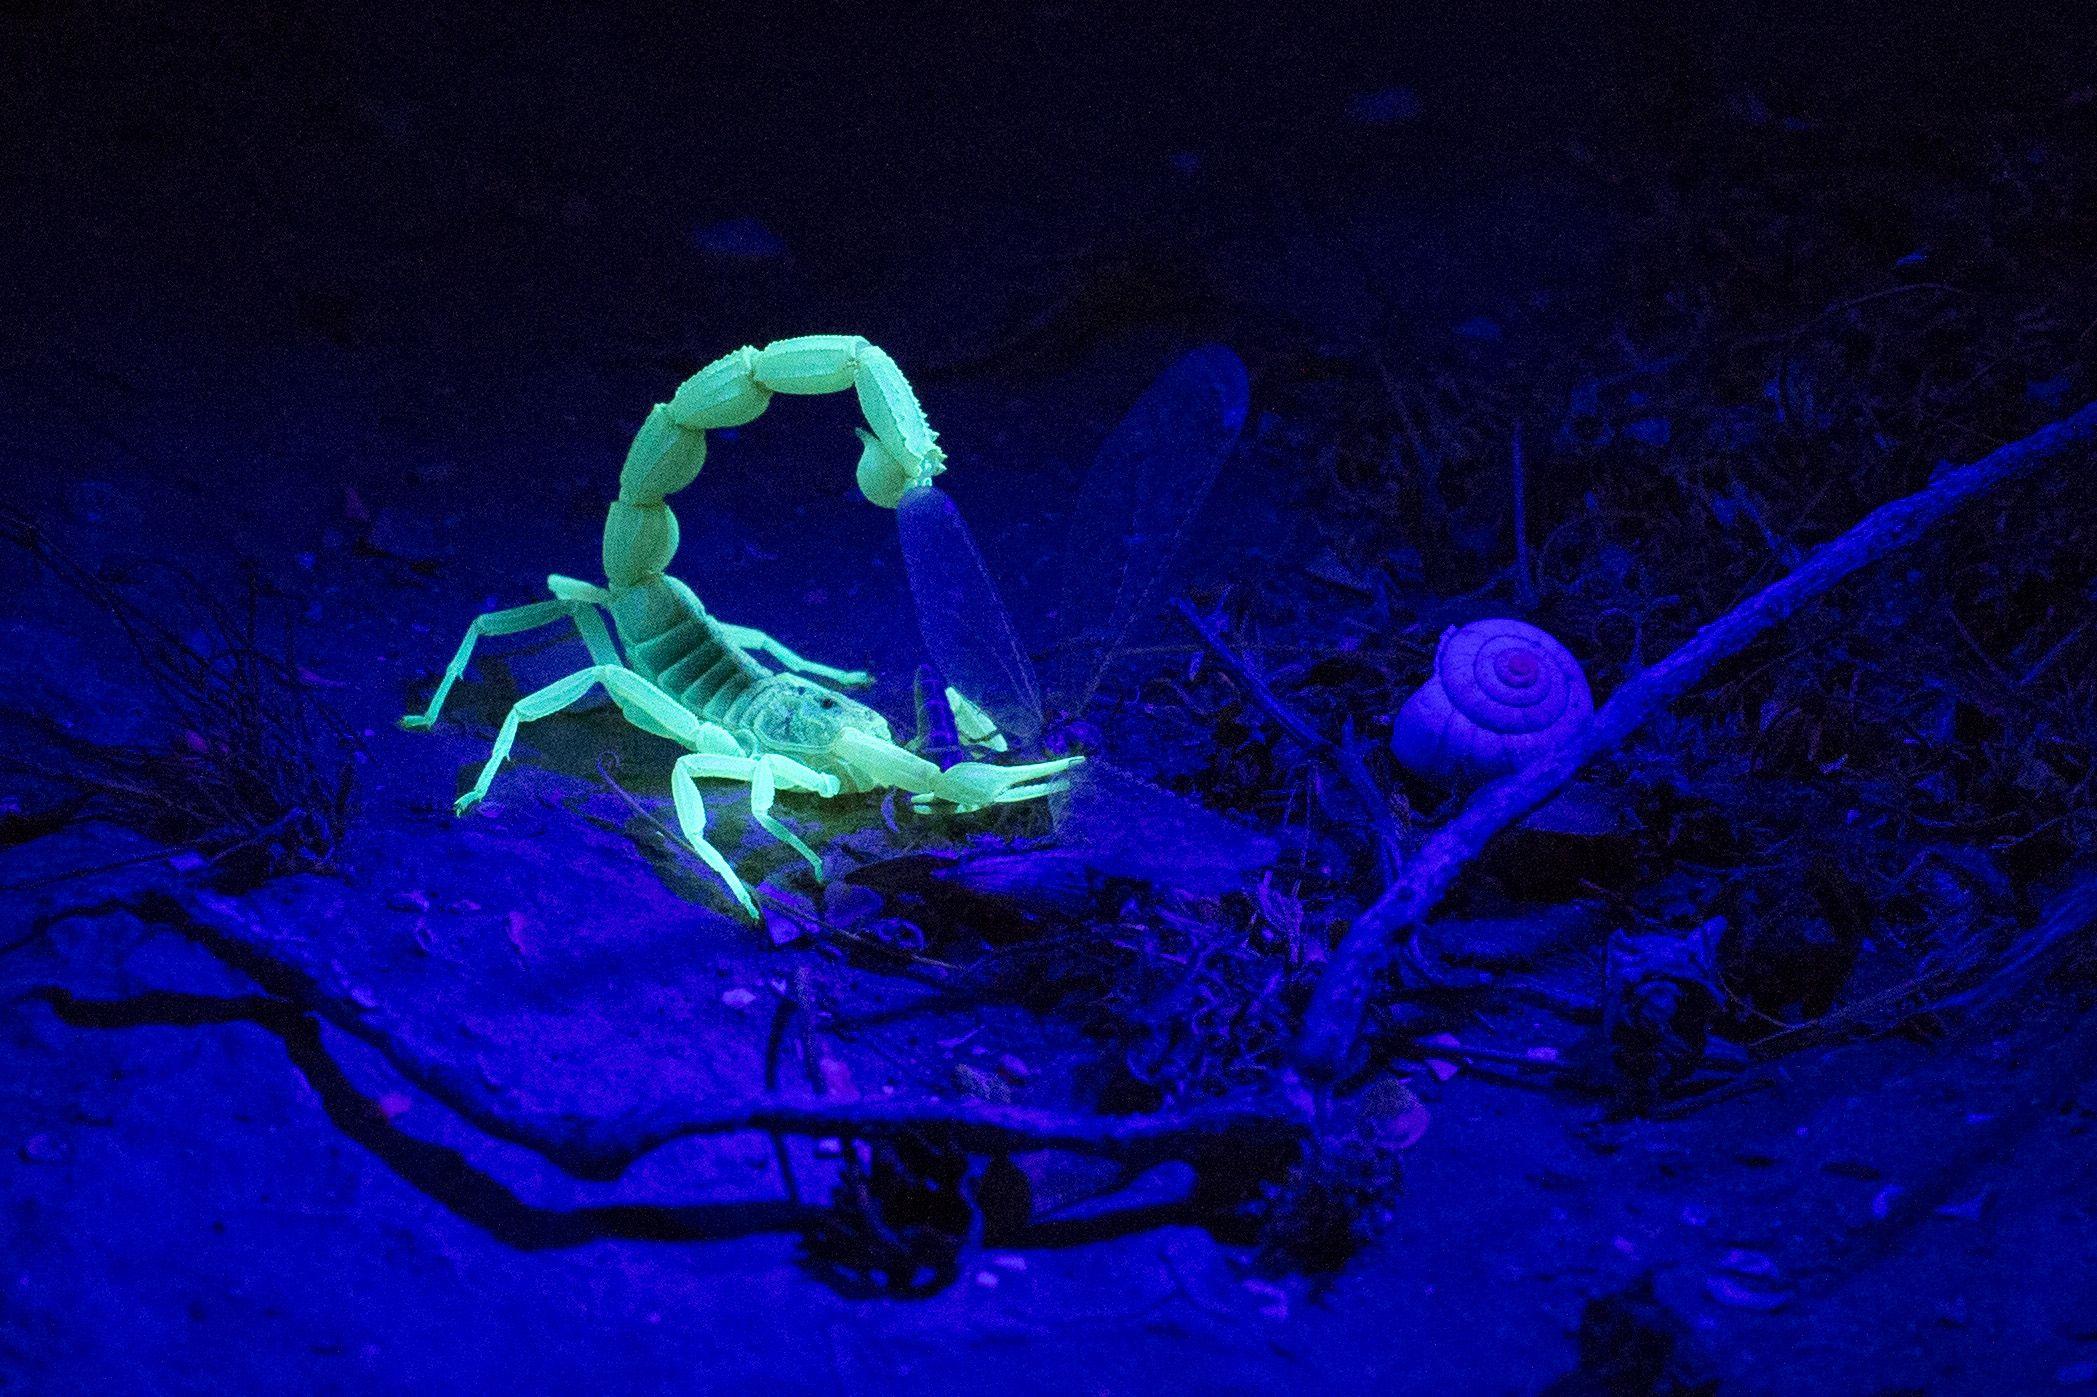 scorpion invasion